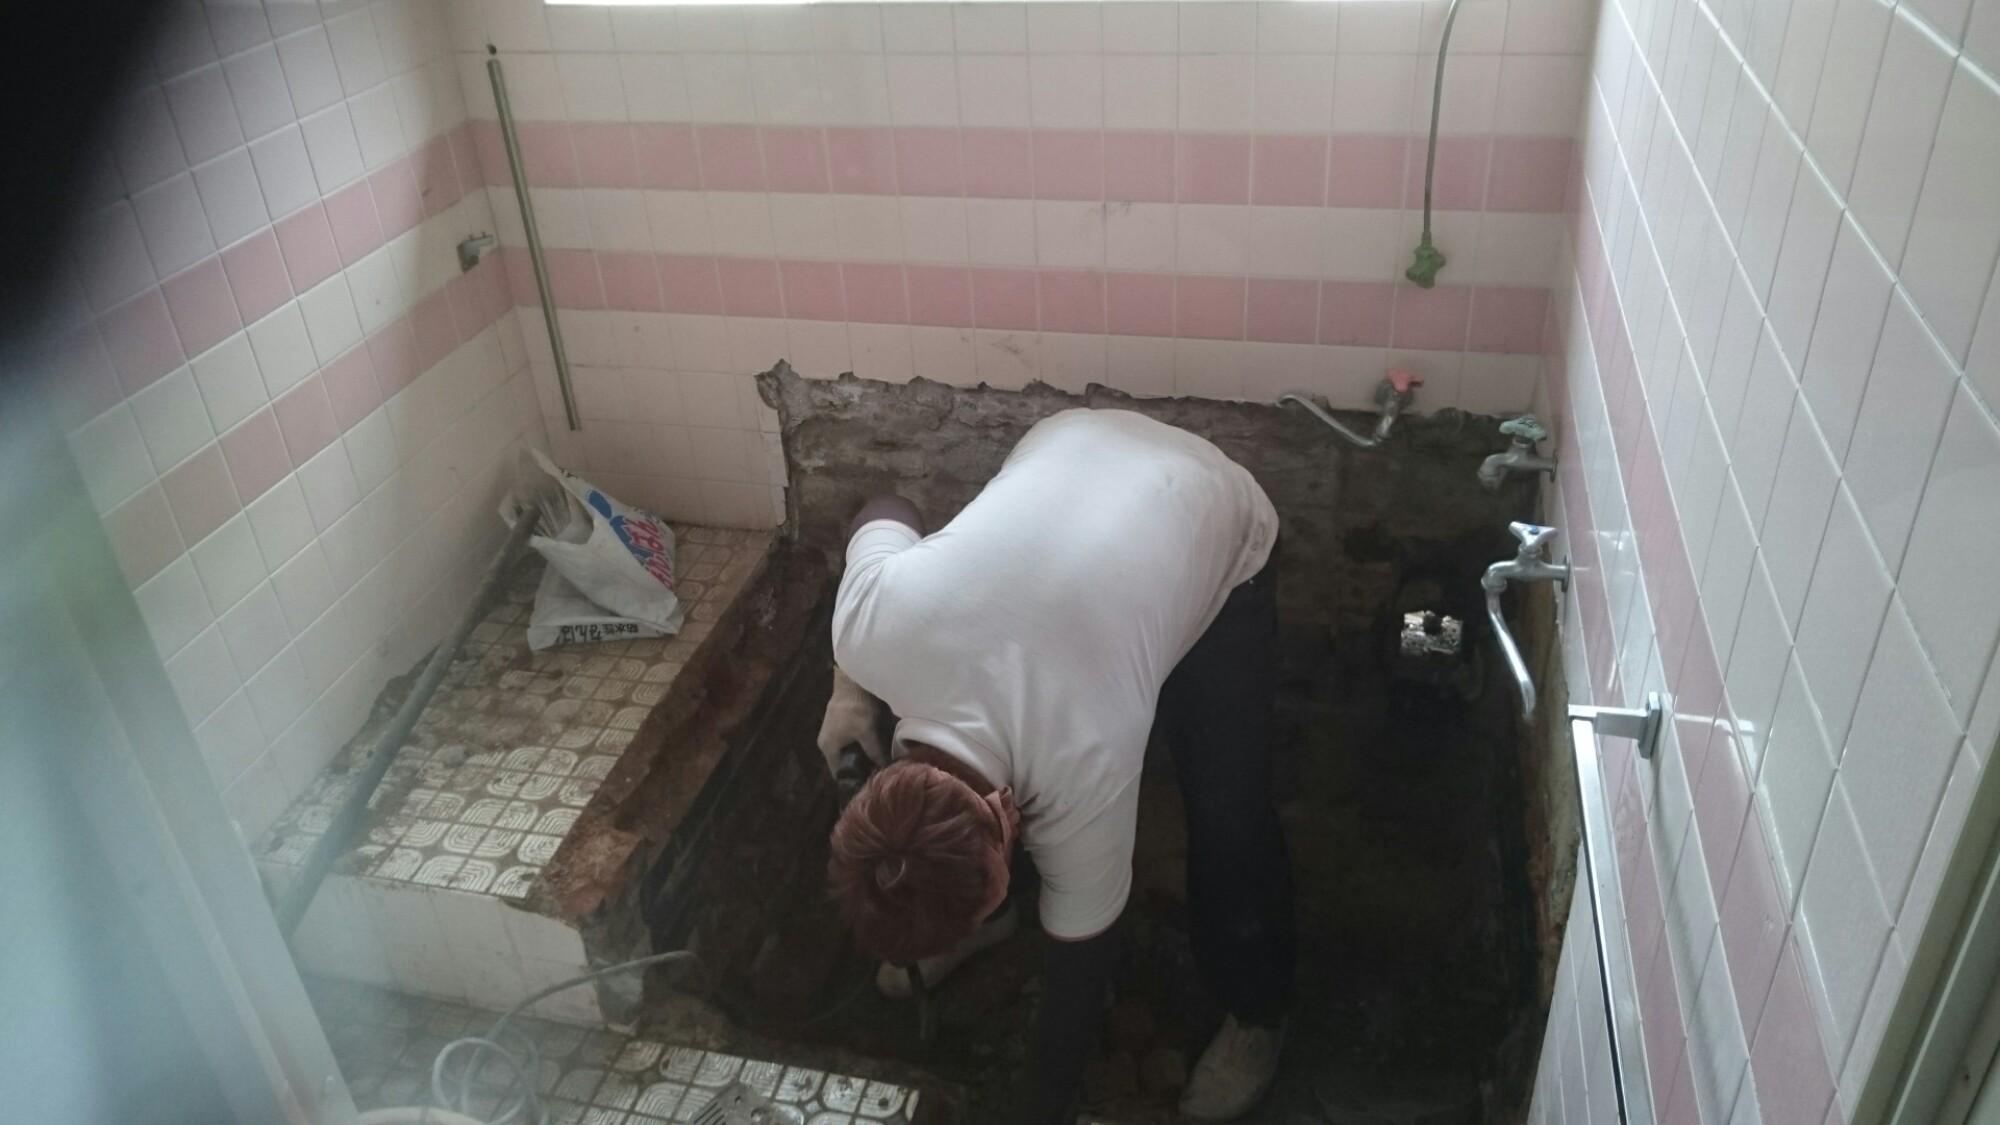 西条市 浴槽入替え タイル補修リフォーム 施工中